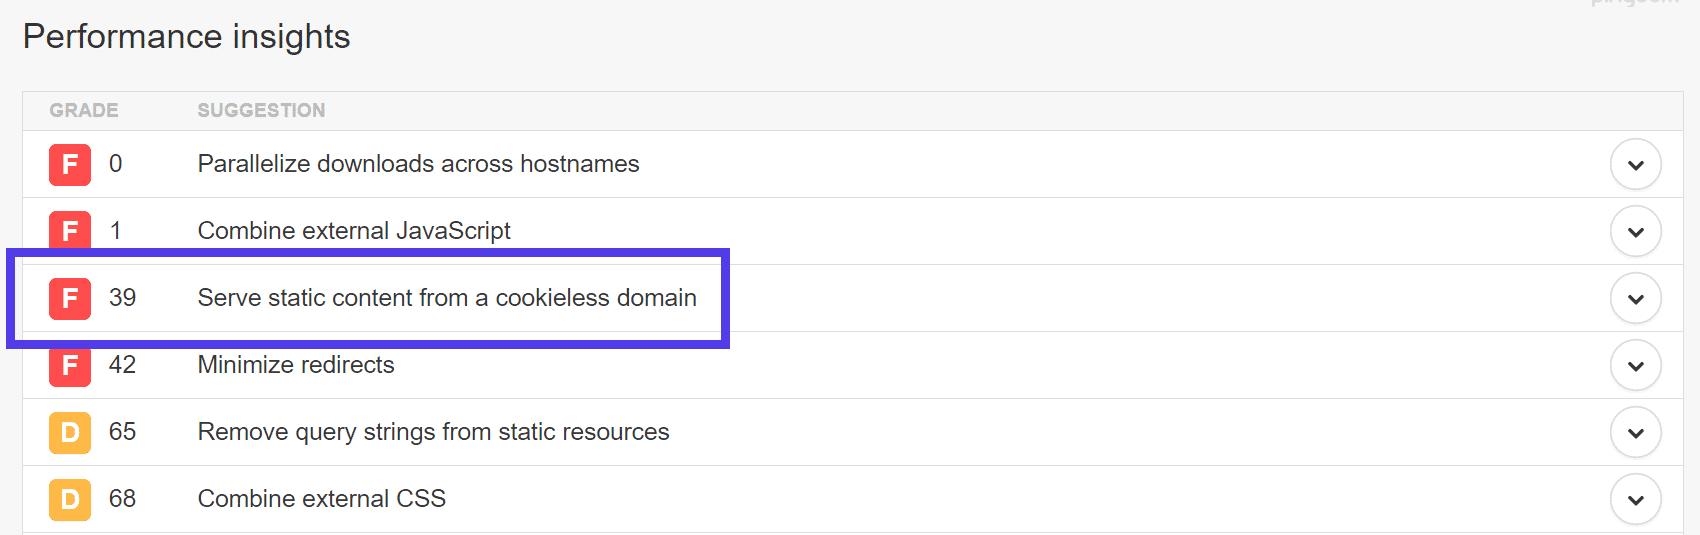 De waarschuwing 'serveer statische inhoud vanuit een cookievrij domein'